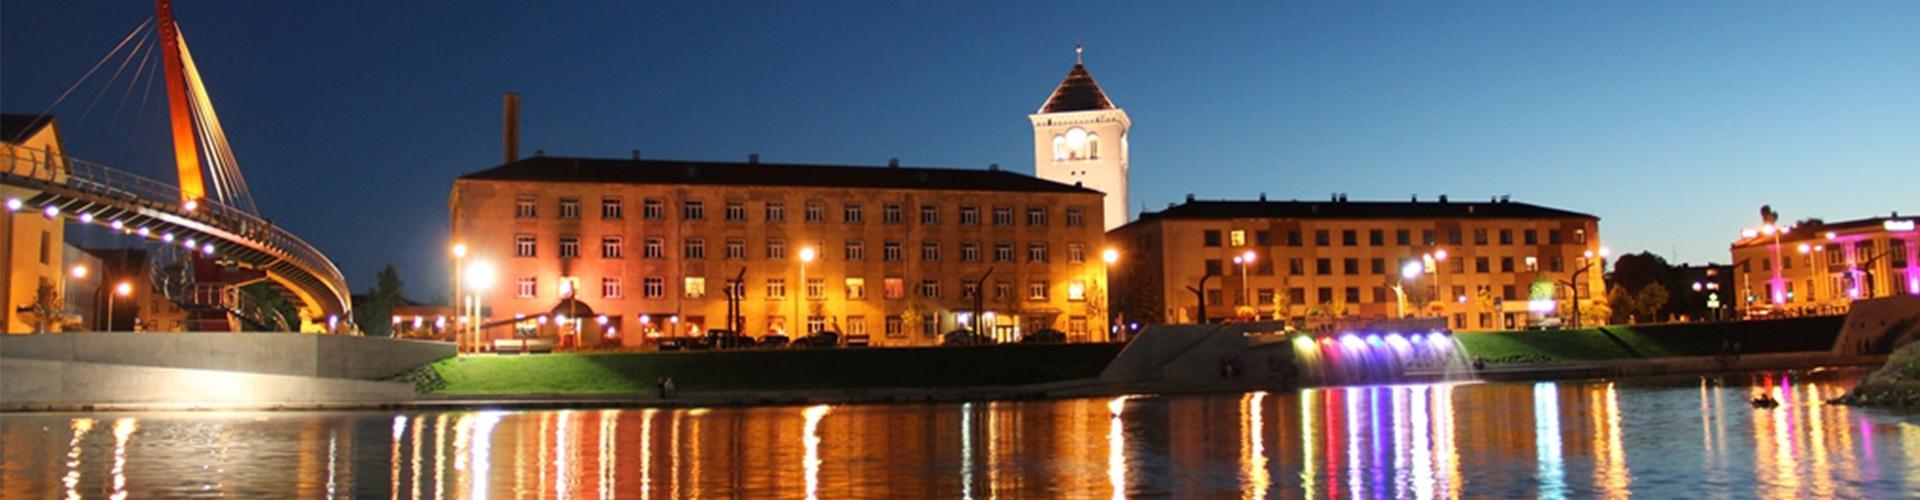 Jelgavas panorāmas ainavas